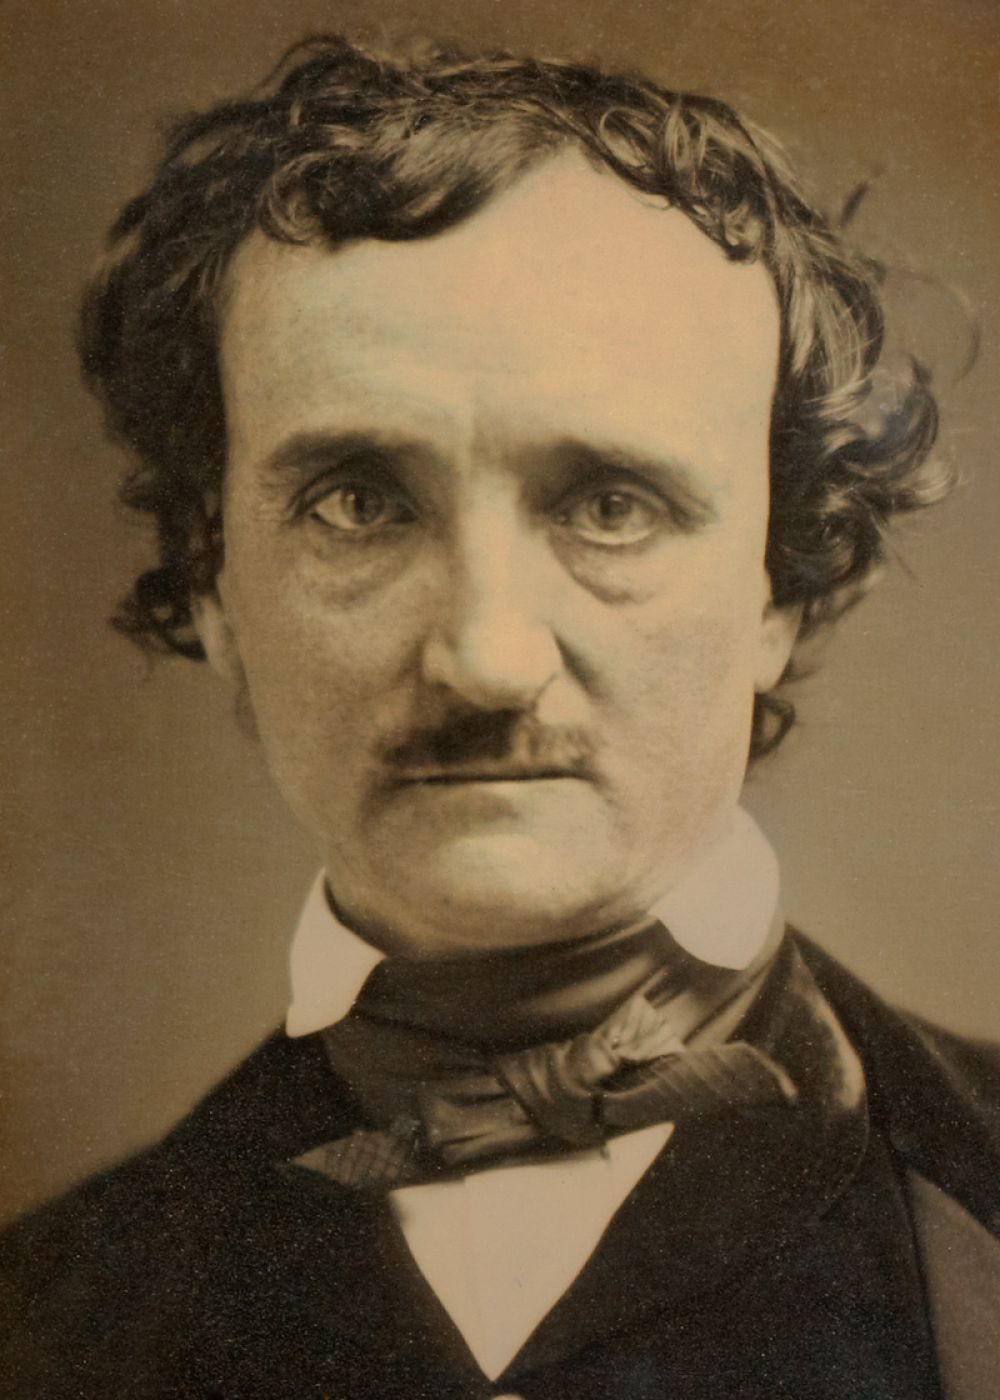 Дагерротип писателя Эдгара Аллана По, сделанный за 4 месяца до смерти, 1849 год.